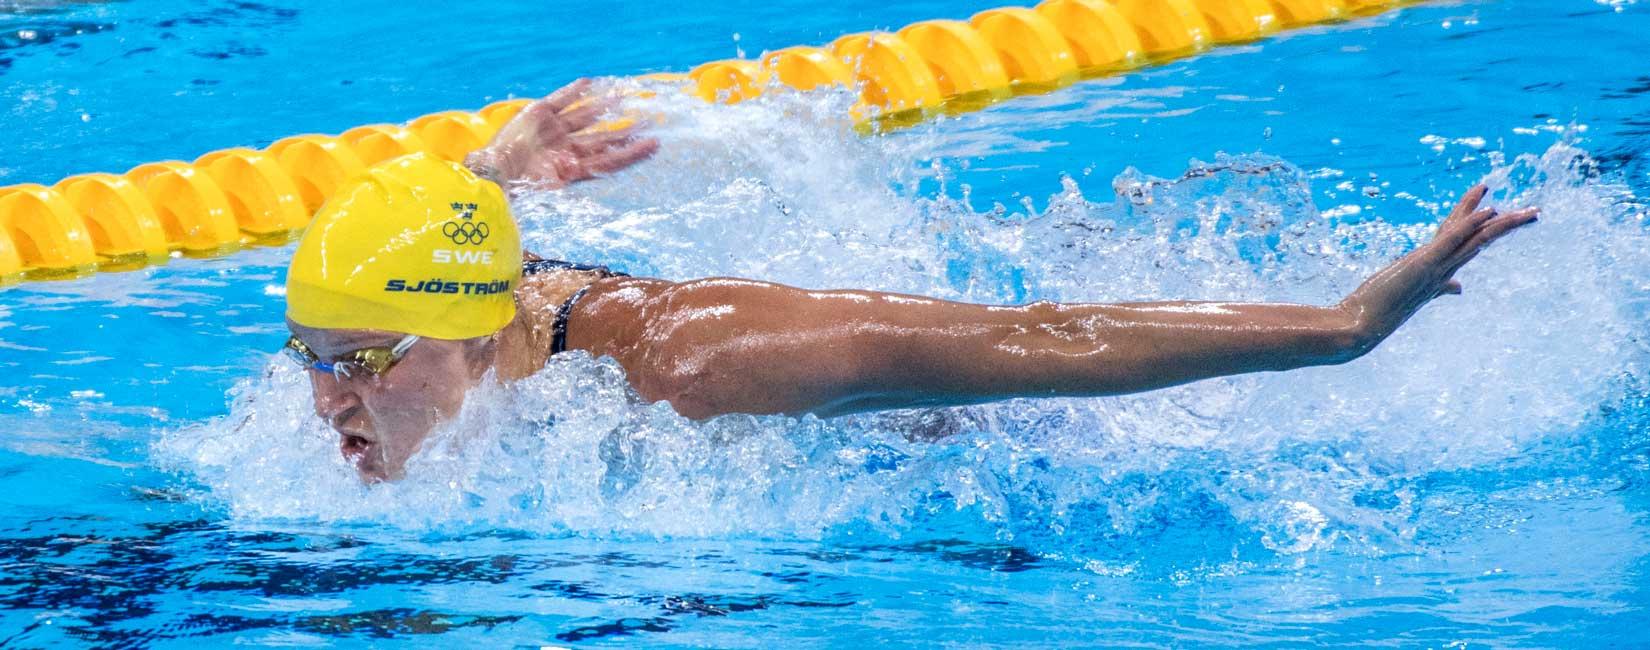 Så går OS-uttagningarna till - Sveriges Olympiska Kommitté